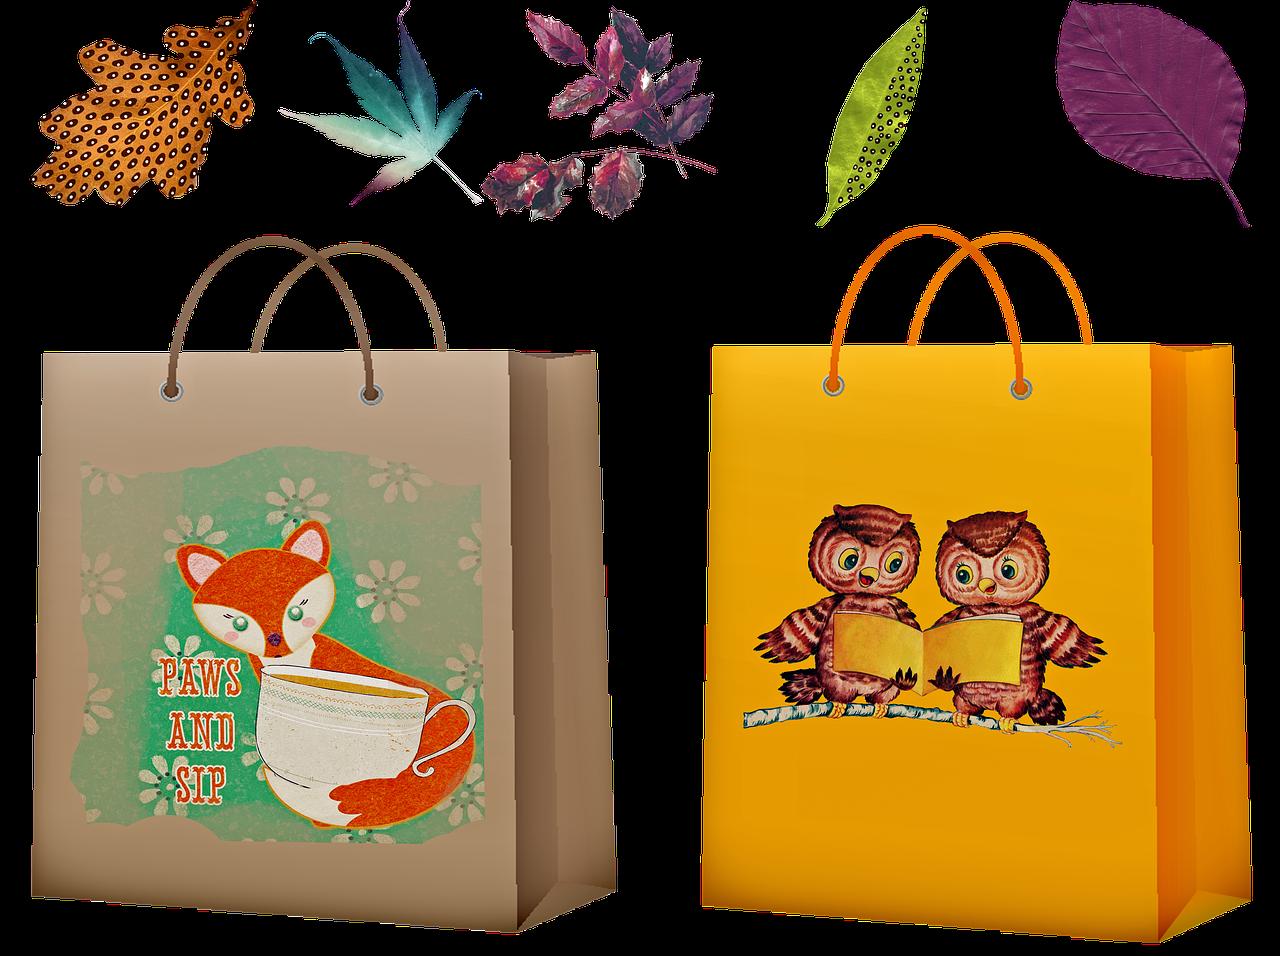 オリジナル紙袋が有効な業種やイベントは?ハンドメイド市場も人気!